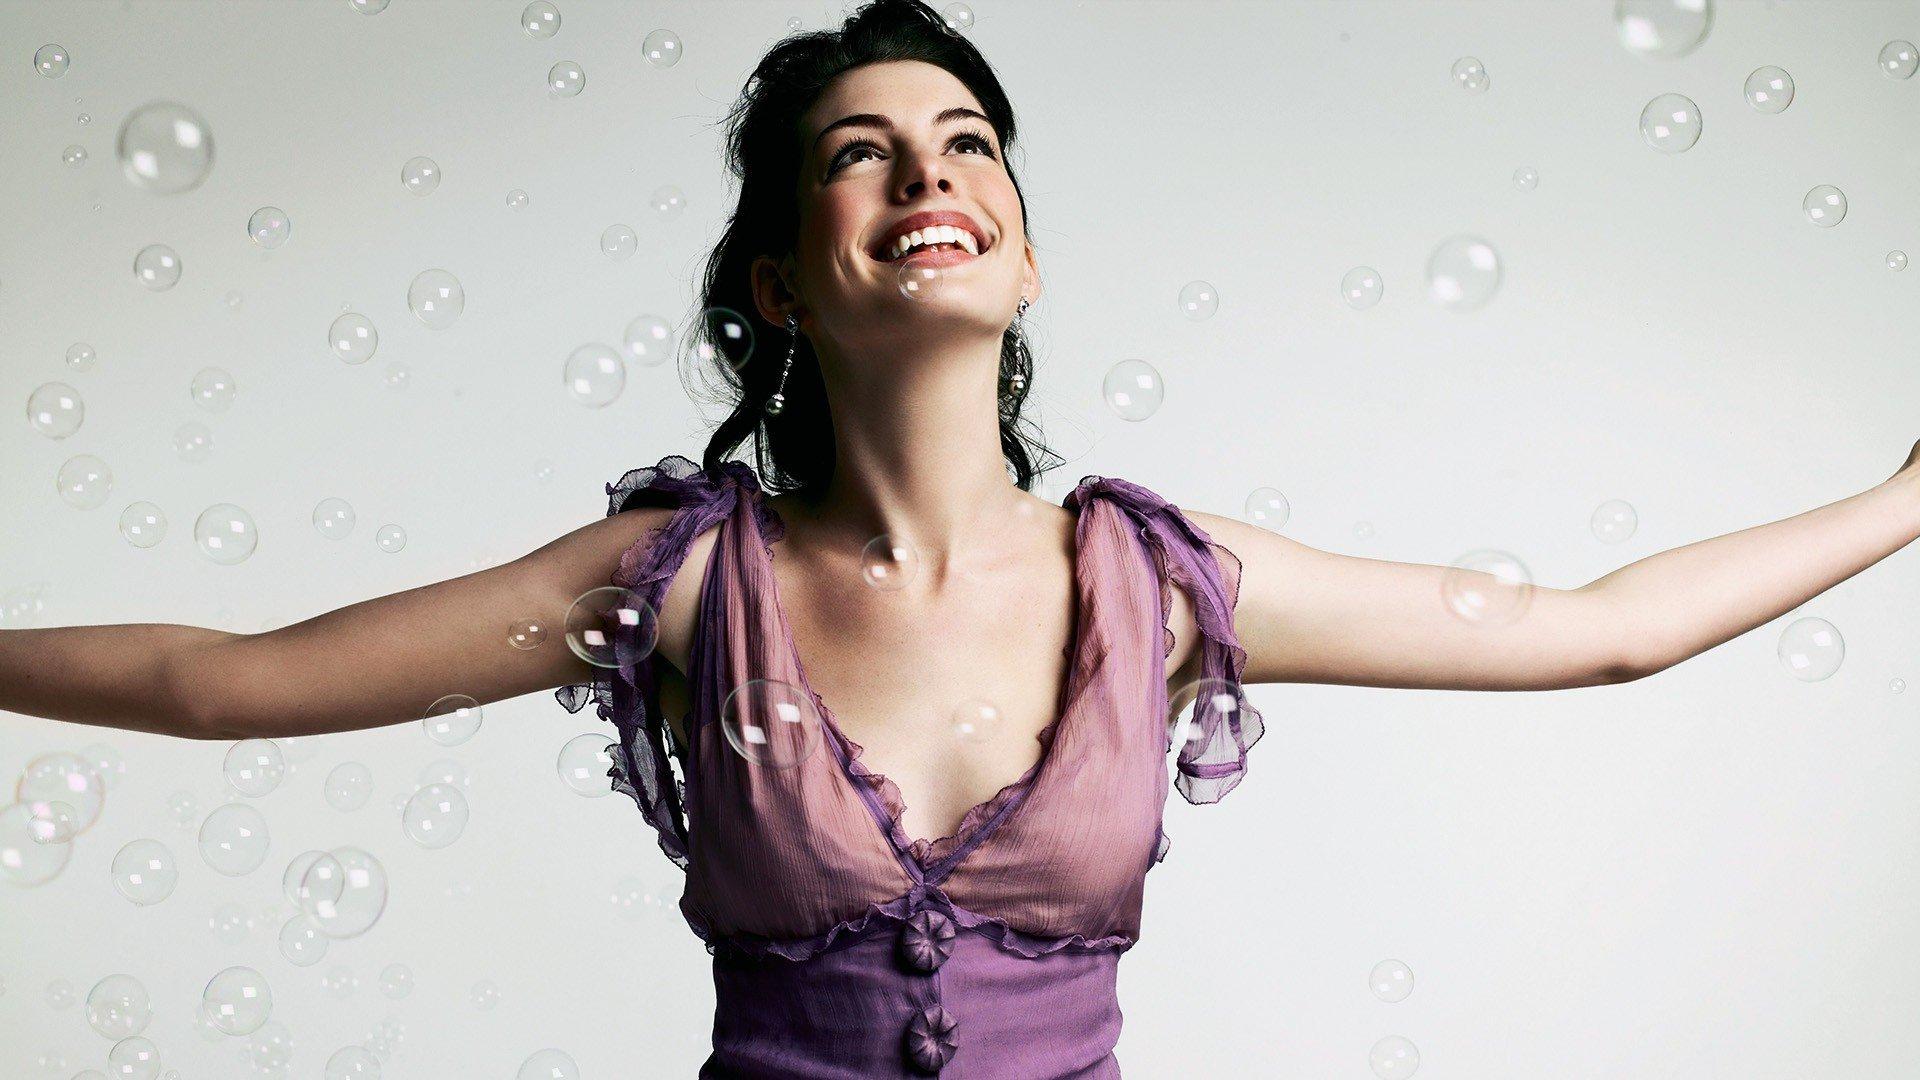 Anne Hathaway Brunette Hd Celebrities 4k Wallpapers